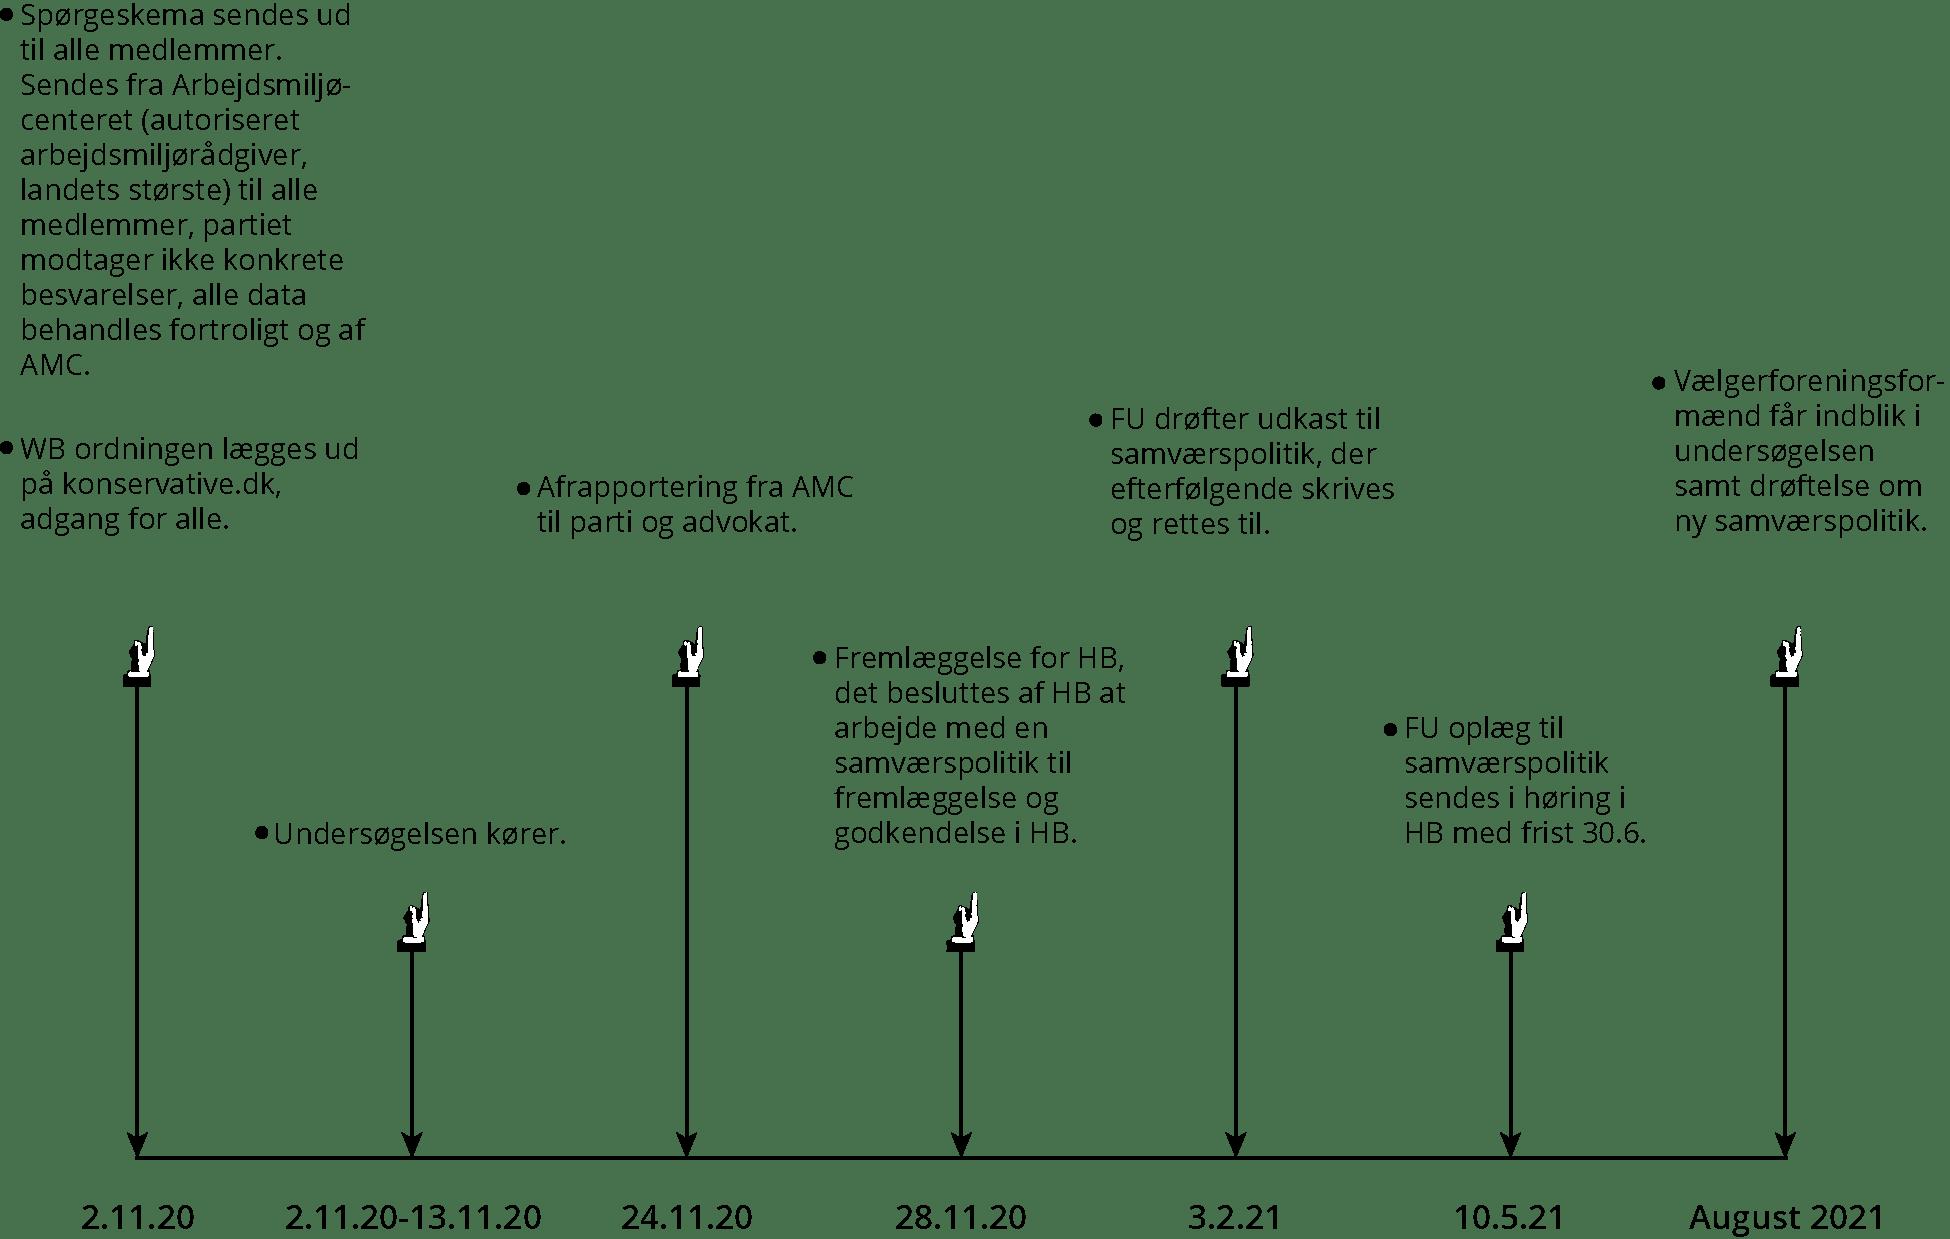 2. november 2020: Spørgeskema sendes ud til alle medlemmer. Sendes fra Arbejdsmiljøcenteret (autoriseret arbejdsmiljørådgiver, landets største) til alle medlemmer, partiet modtager ikke konkrete besvarelser, alle data behandles fortroligt og af AMC. 2. november 2020: WB ordningen lægges ud på konservative.dk, adgang for alle. 2. november 2020: Undersøgelsen begynder. 13. november 2020: Undersøgelsen afsluttes. 24. november 2020: Afrapportering fra AMC til parti og advokat. 28. november 2020: Fremlæggelse for HB, det besluttes af HB at arbejde med en samværspolitik til fremlæggelse og godkendelse i HB. 3. februar 2021: FU drøfter udkast til samværspolitik, der efterfølgende skrives og rettes til. 5. maj 2021: FU oplæg til samværspolitik sendes i høring i HB med frist 30. juni. August 2021: Vælgerforeningsformænd får indblik i undersøgelsen samt drøftelse om ny samværspolitik